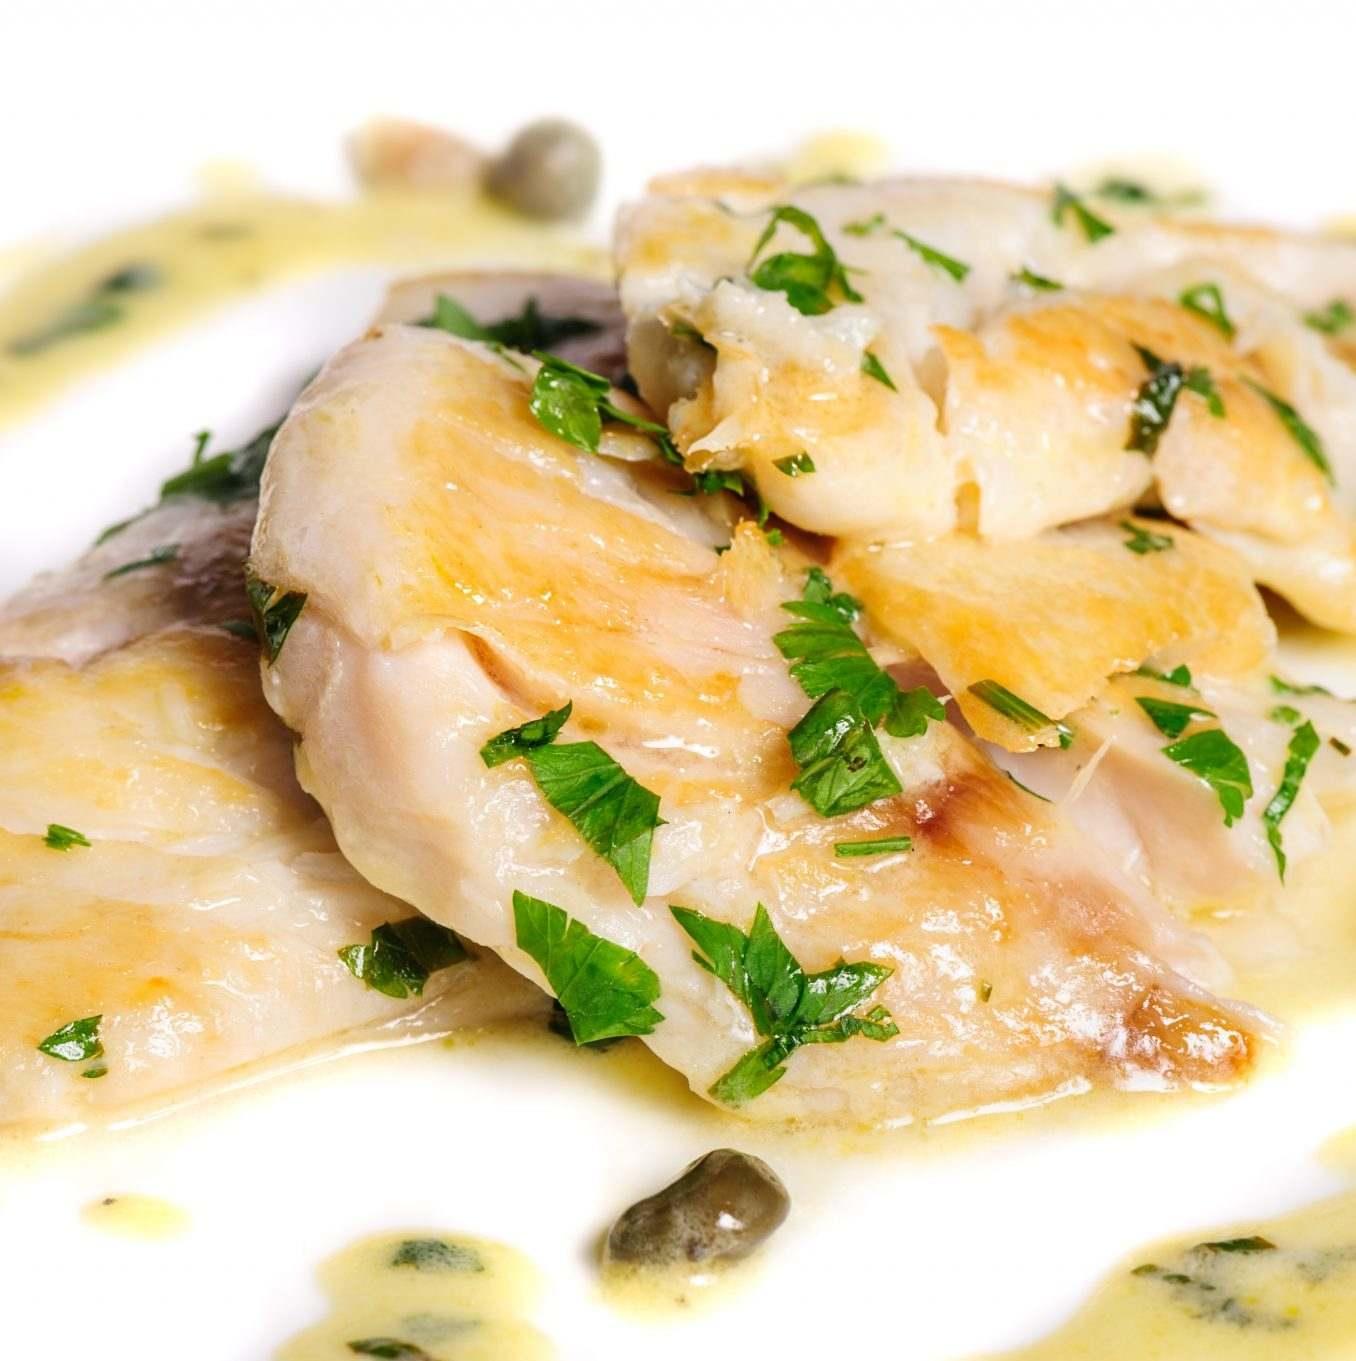 Štika na másle a na víně aneb odlehčené jarní menu